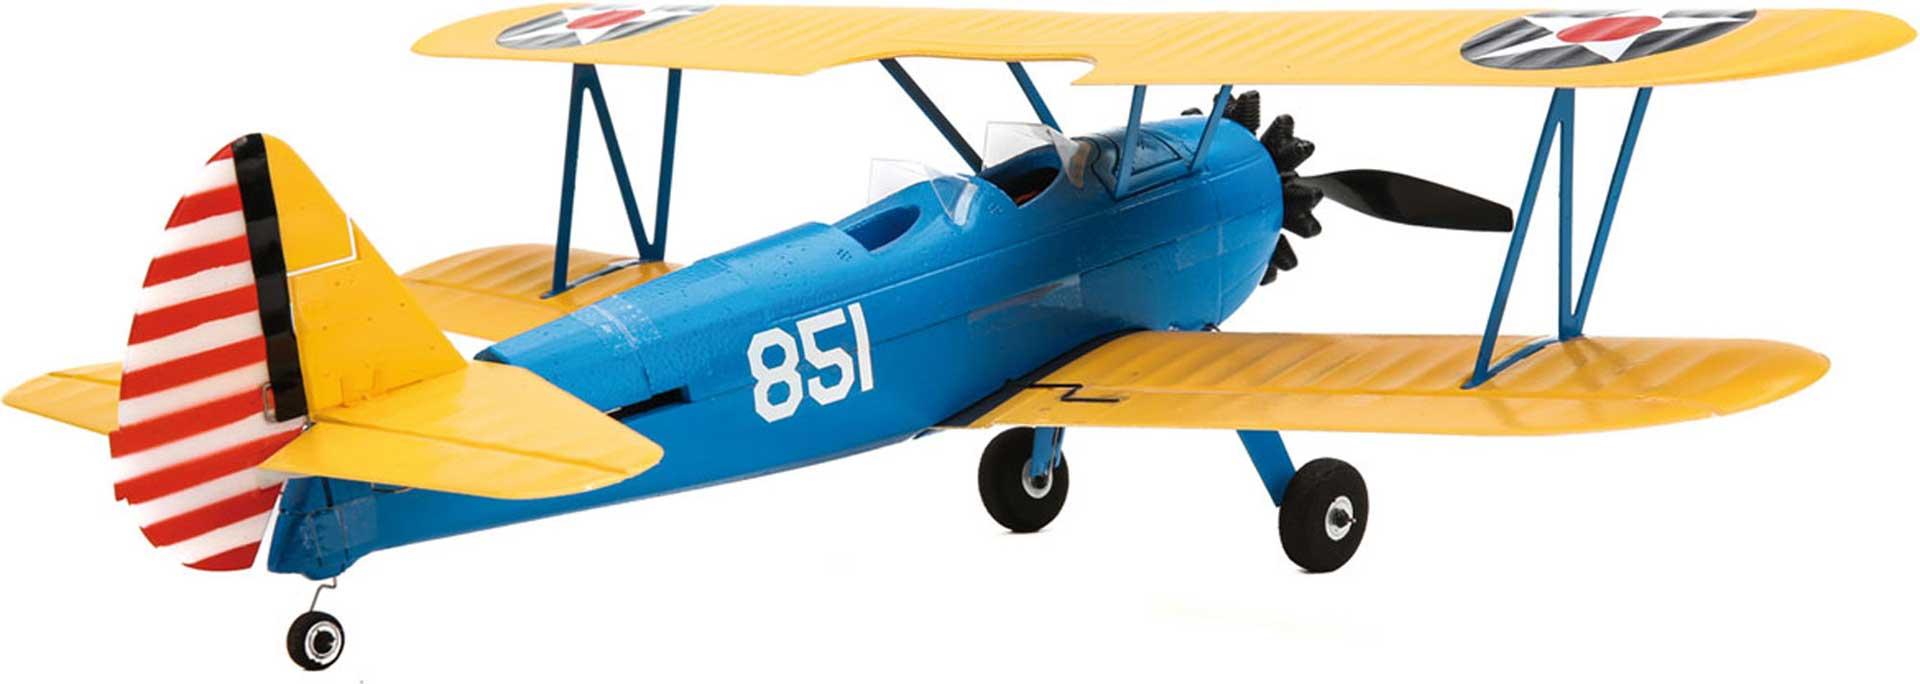 E-FLITE PT-17 UMX BNF WITH AS3X